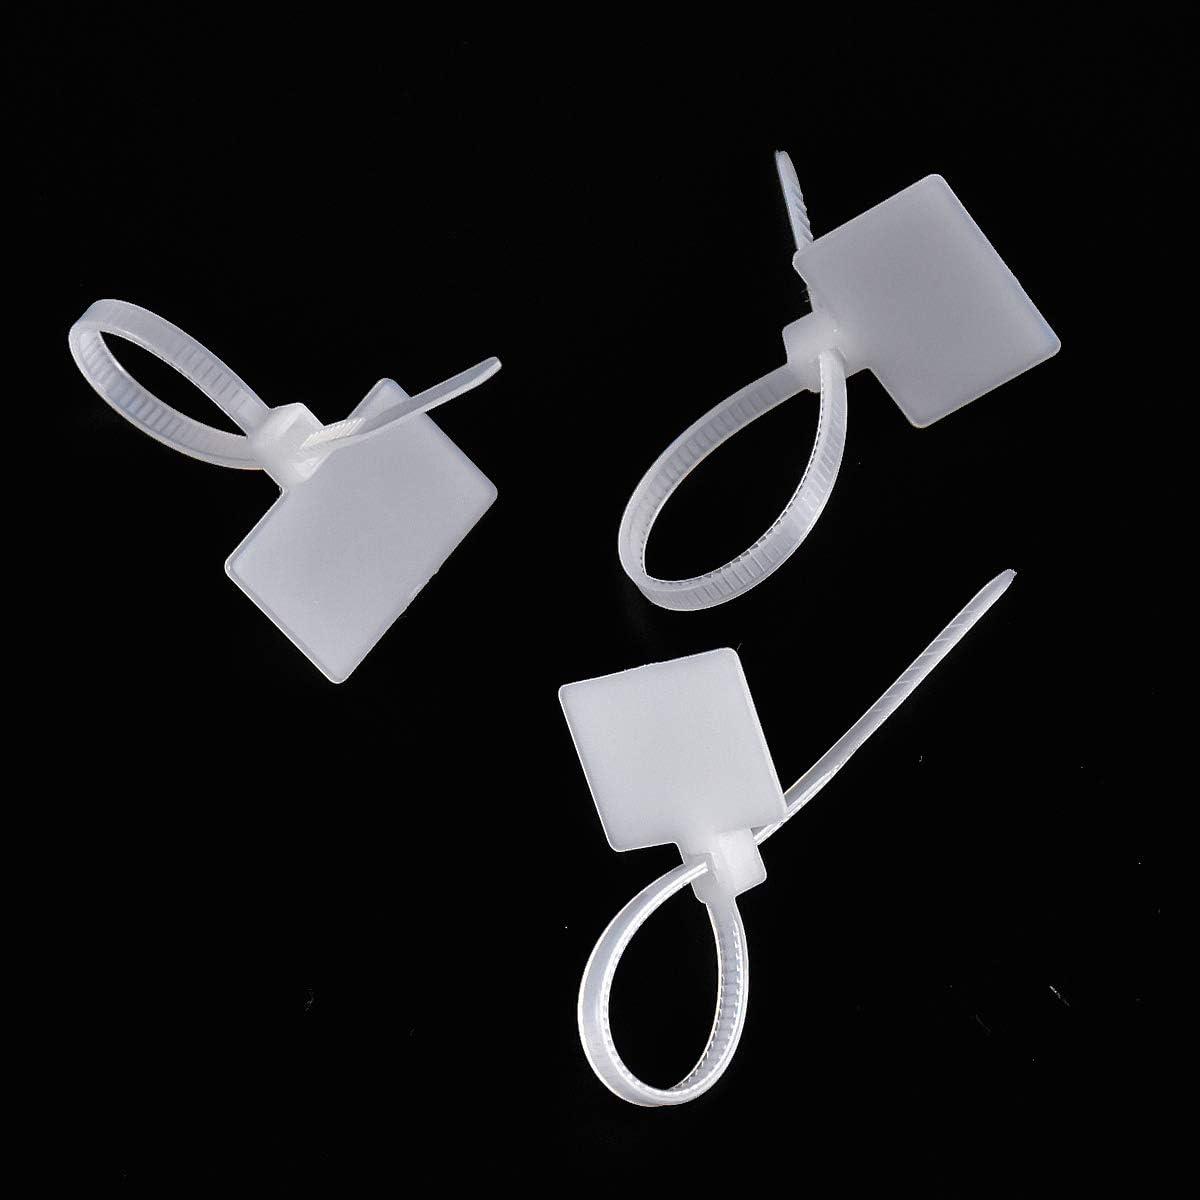 100 mm, autocierre, con marcador de etiquetas, soporte de cable ajustable, gesti/ón de cables para Home Office Garage en la gesti/ón de cables Set de 200 bridas para cables con etiquetas blancas